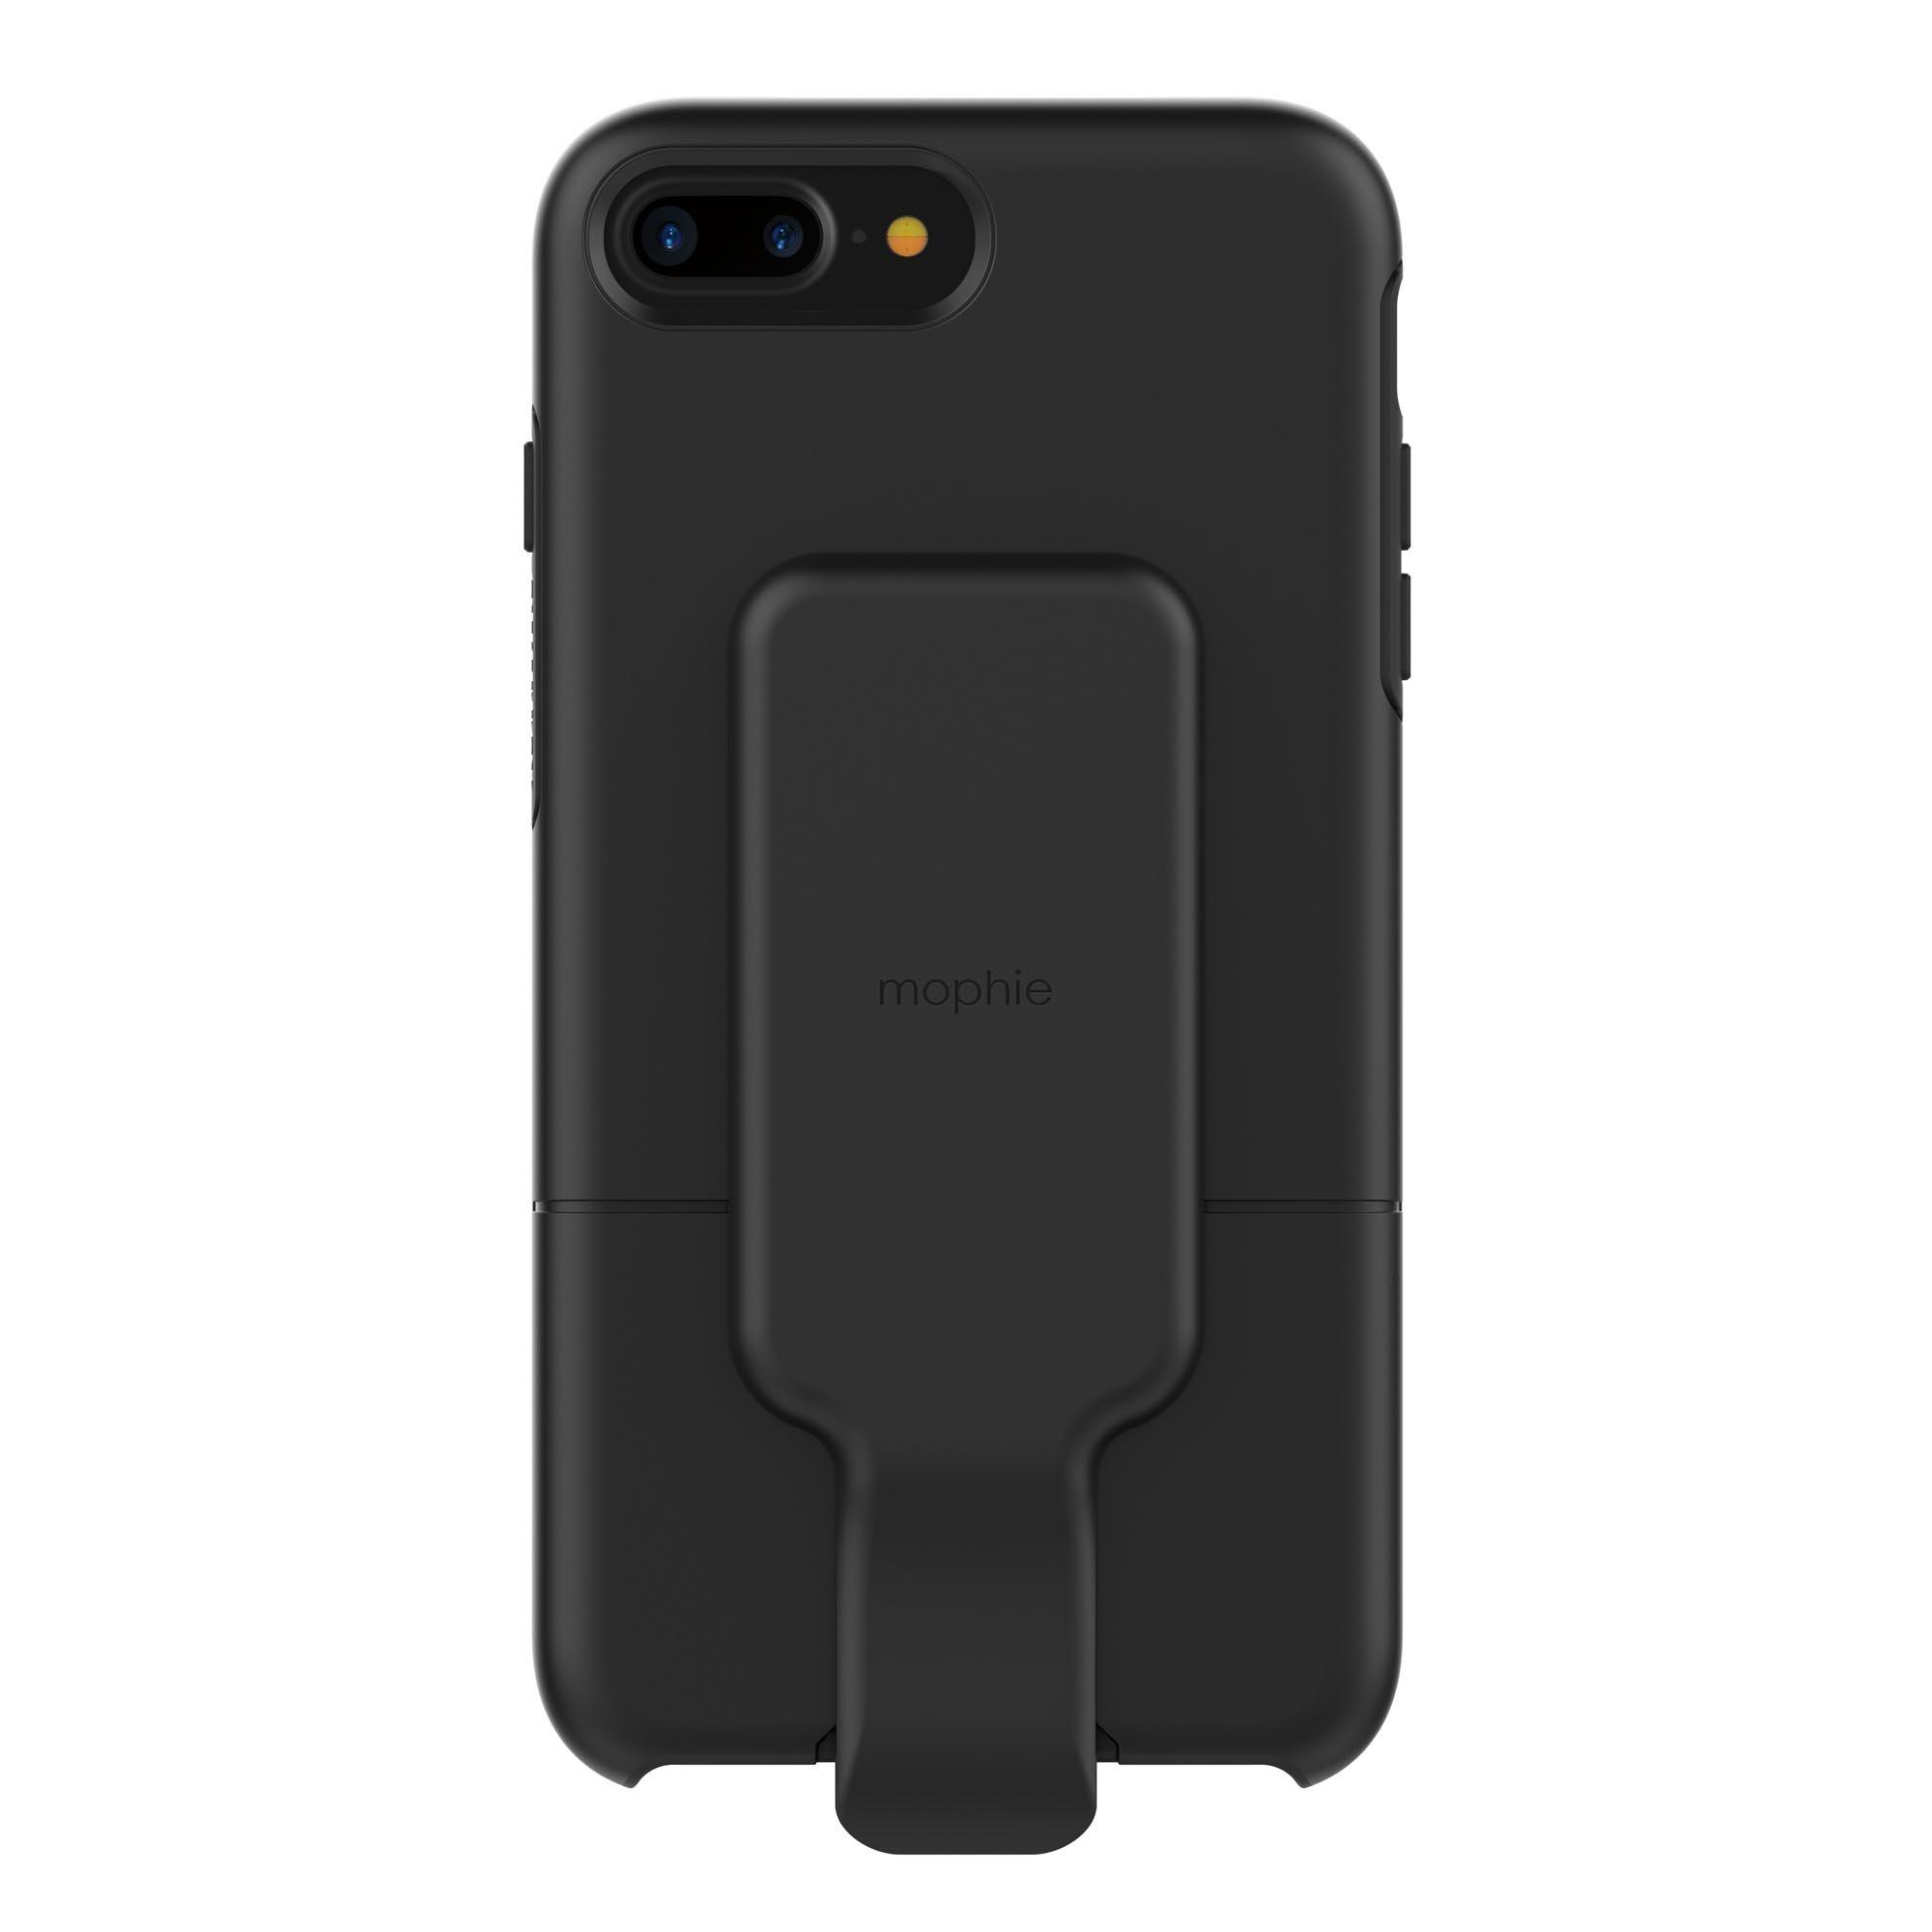 充電アダプタ力は、具体的には、宇宙オッターボックス電話シェルに適用しましたAppleのiPhone 6,6プラス、6S、6Sプラス、7.7プラスデザイン - 磁石とMophieは電源アクセサリーと充電することができる雷コネクタ付きワイヤレス充電モジュール - 黒